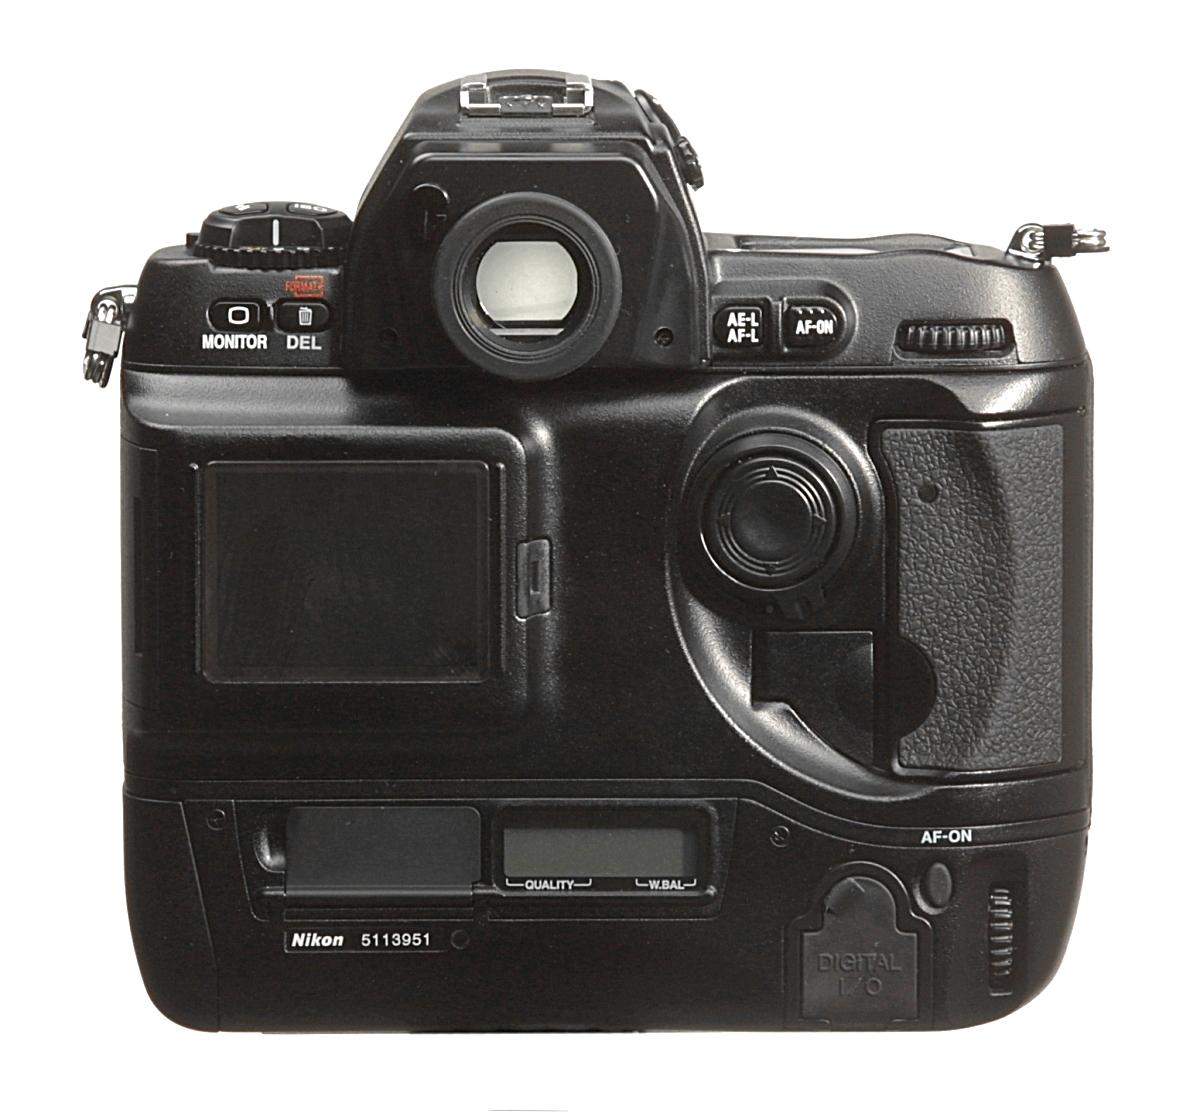 Kiprbltuk Nikon D1x D1 Meg Kell Emlteni Egy Hasznos Vltoztatst A Hez Kpest Nl Monitor Gomb Megnyomsakor Mr Minden Visszajtszs Funkci Elrhet Nagyts